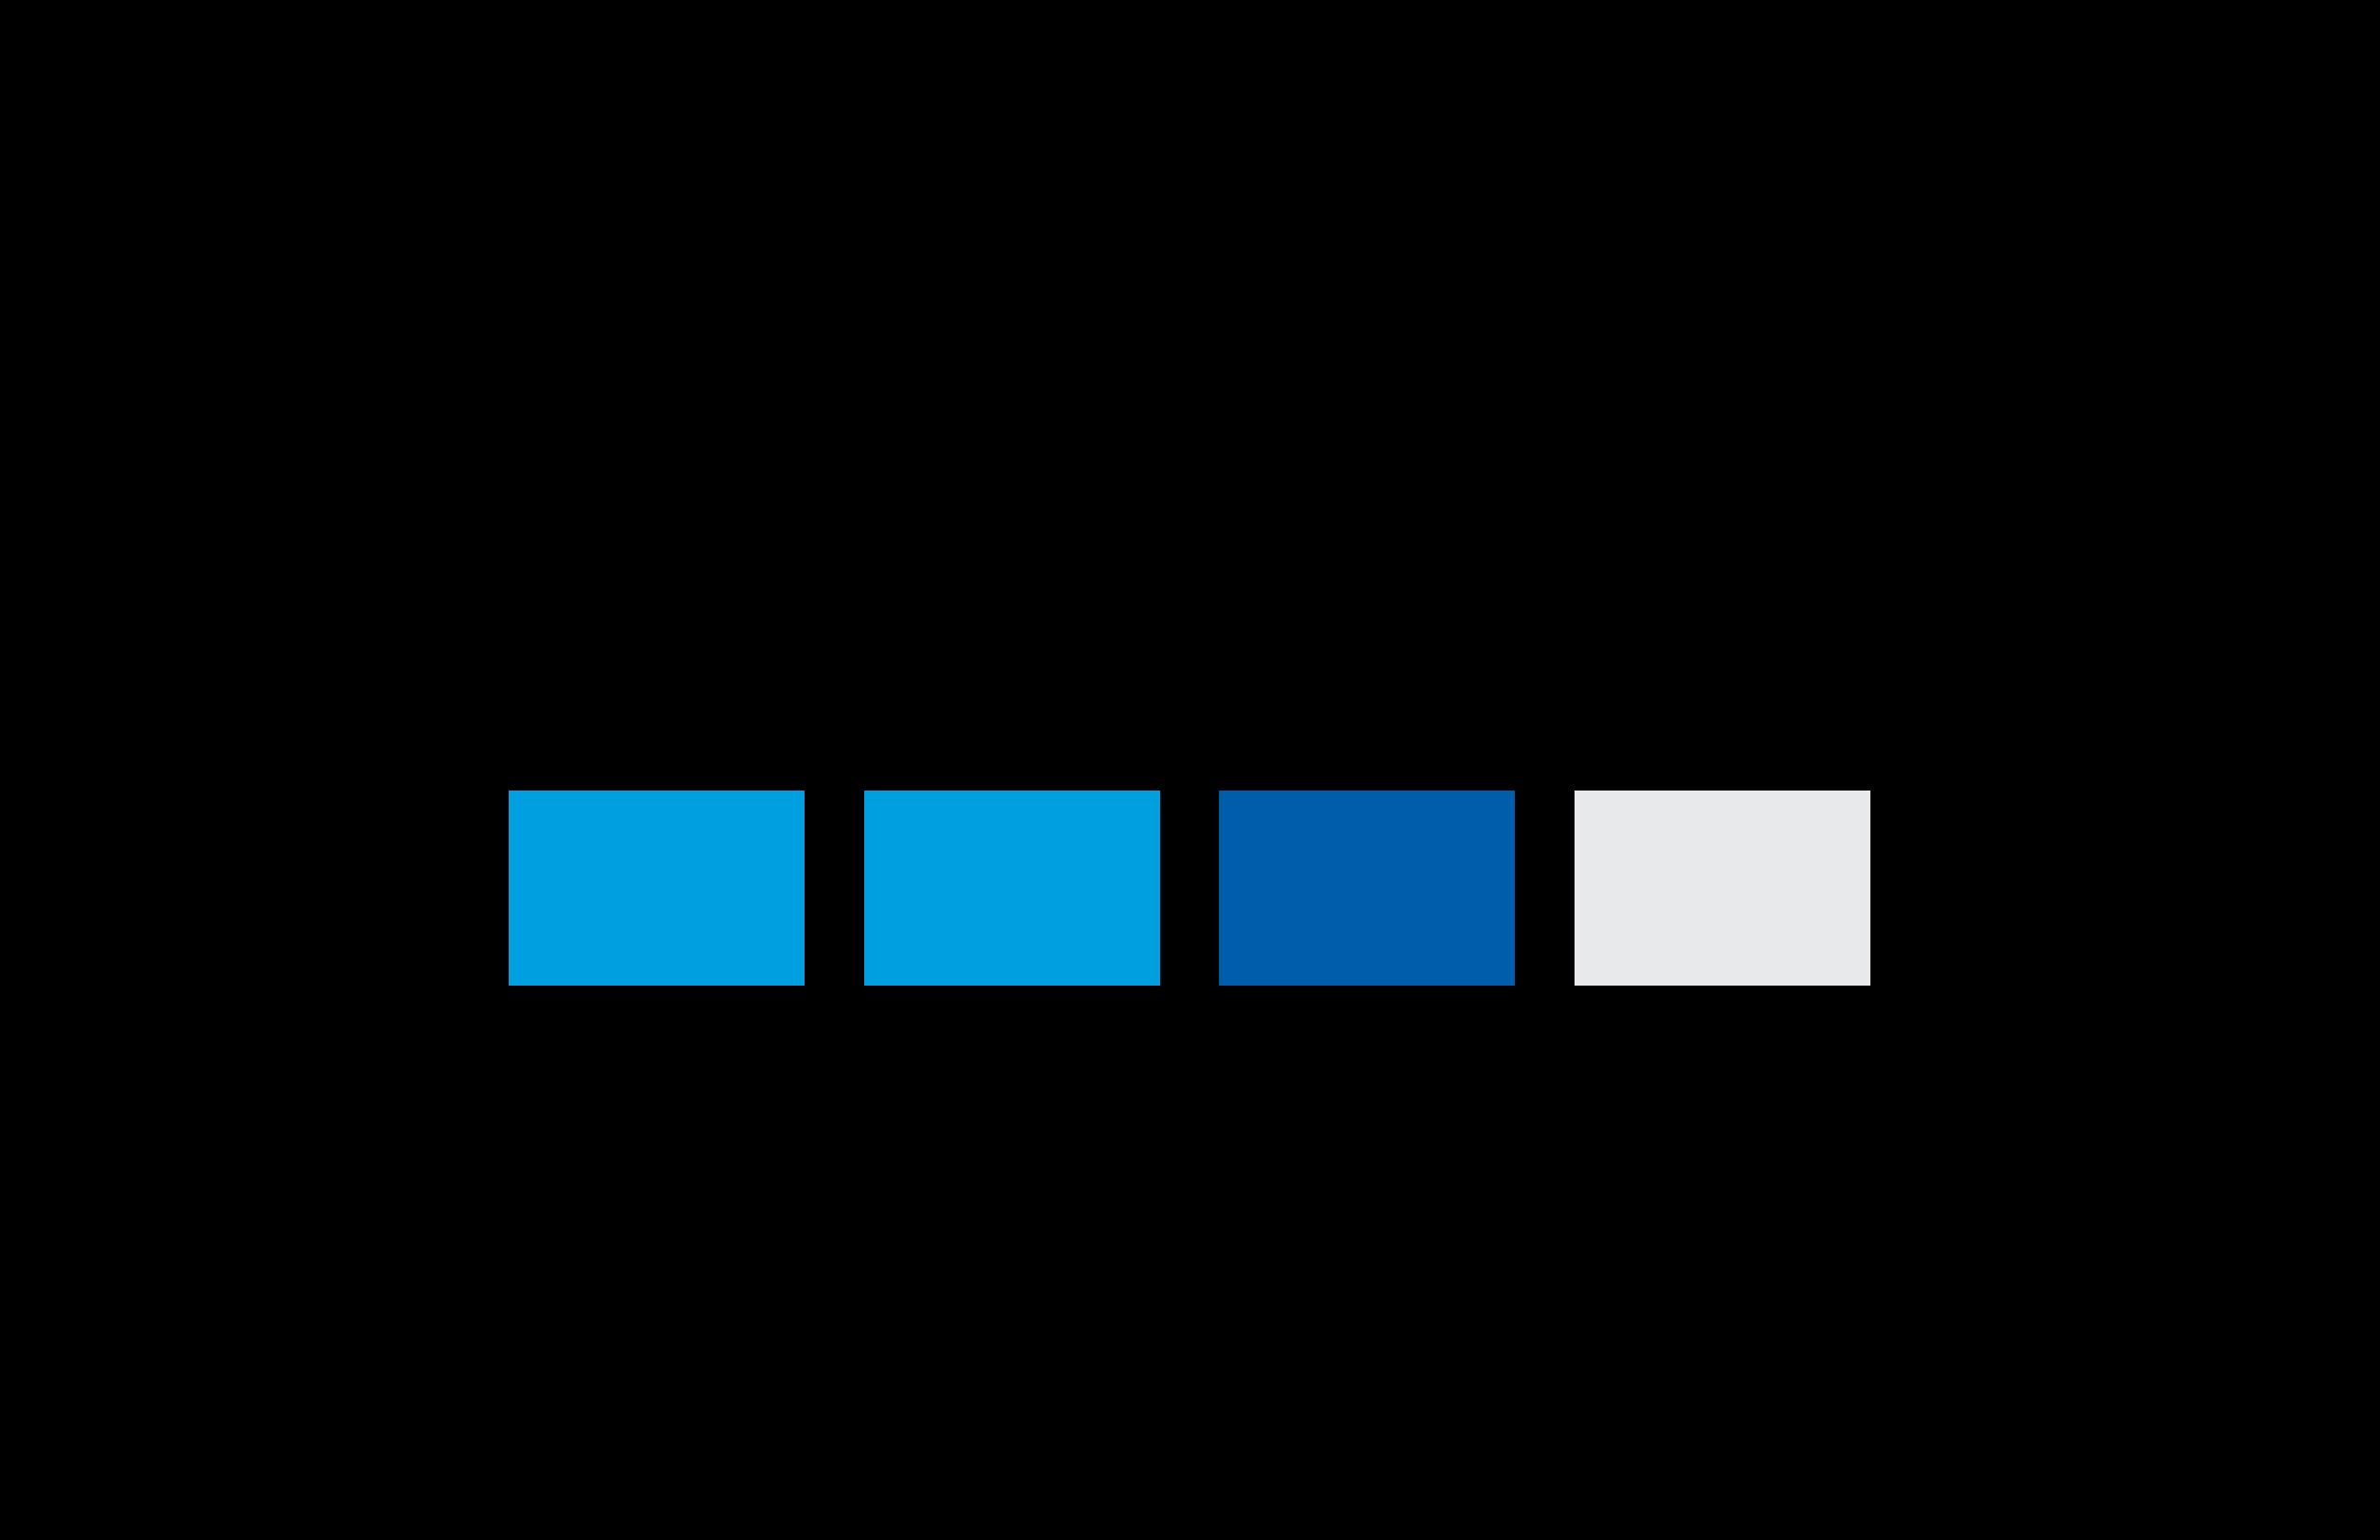 GoPro logo PNG images free download.